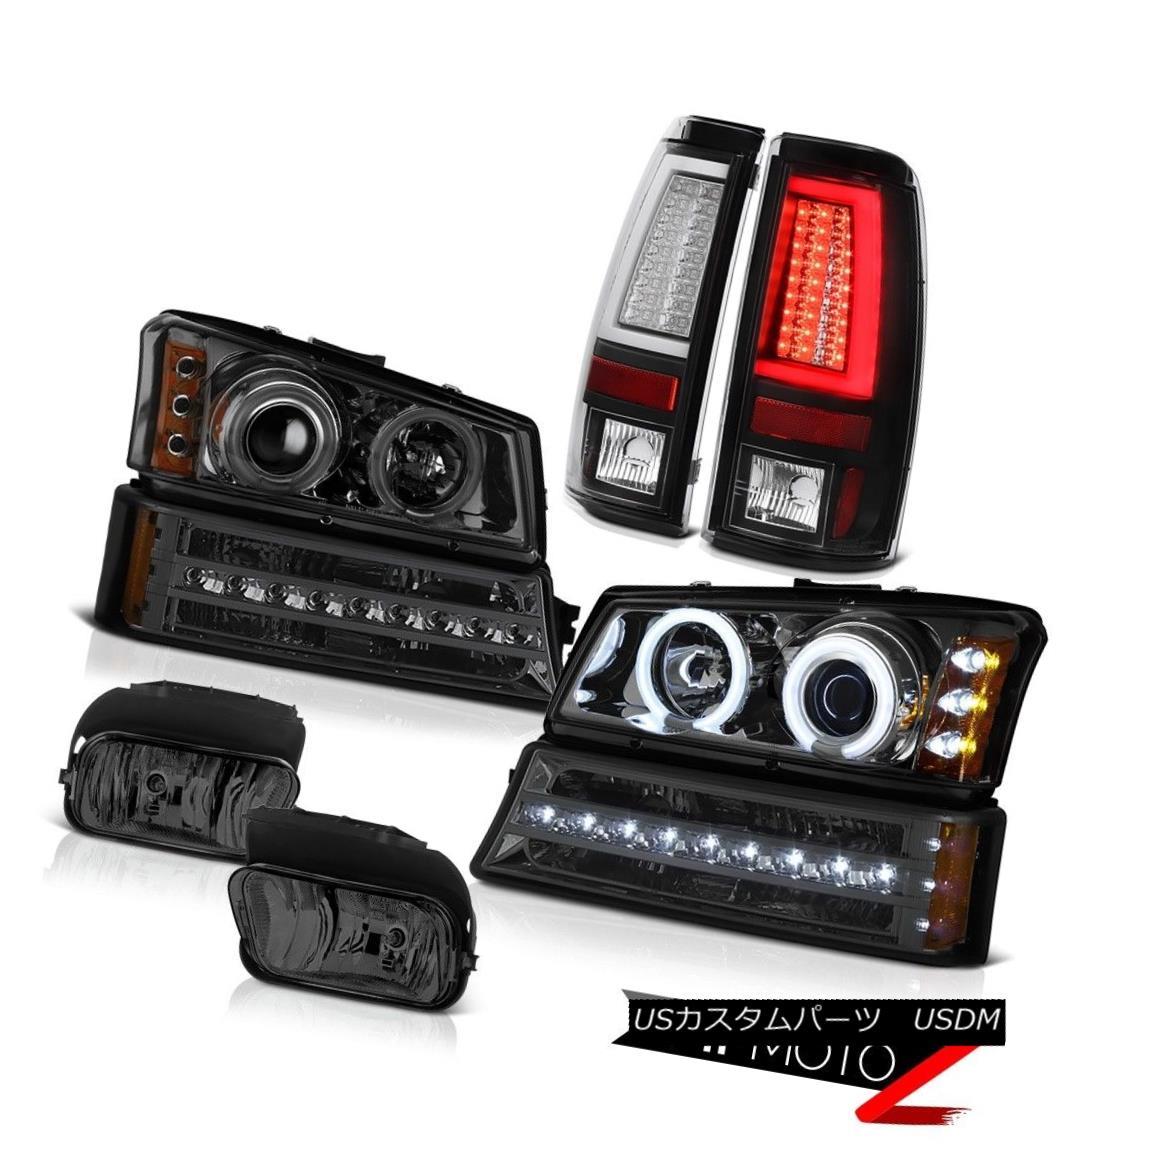 テールライト 03-06 Silverado Tail Lamps Smokey Fog Lights Bumper Lamp Headlamps LED CCFL Rim 03-06 SilveradoテールランプスモーキーフォグライトバンパーランプヘッドランプLED CCFLリム